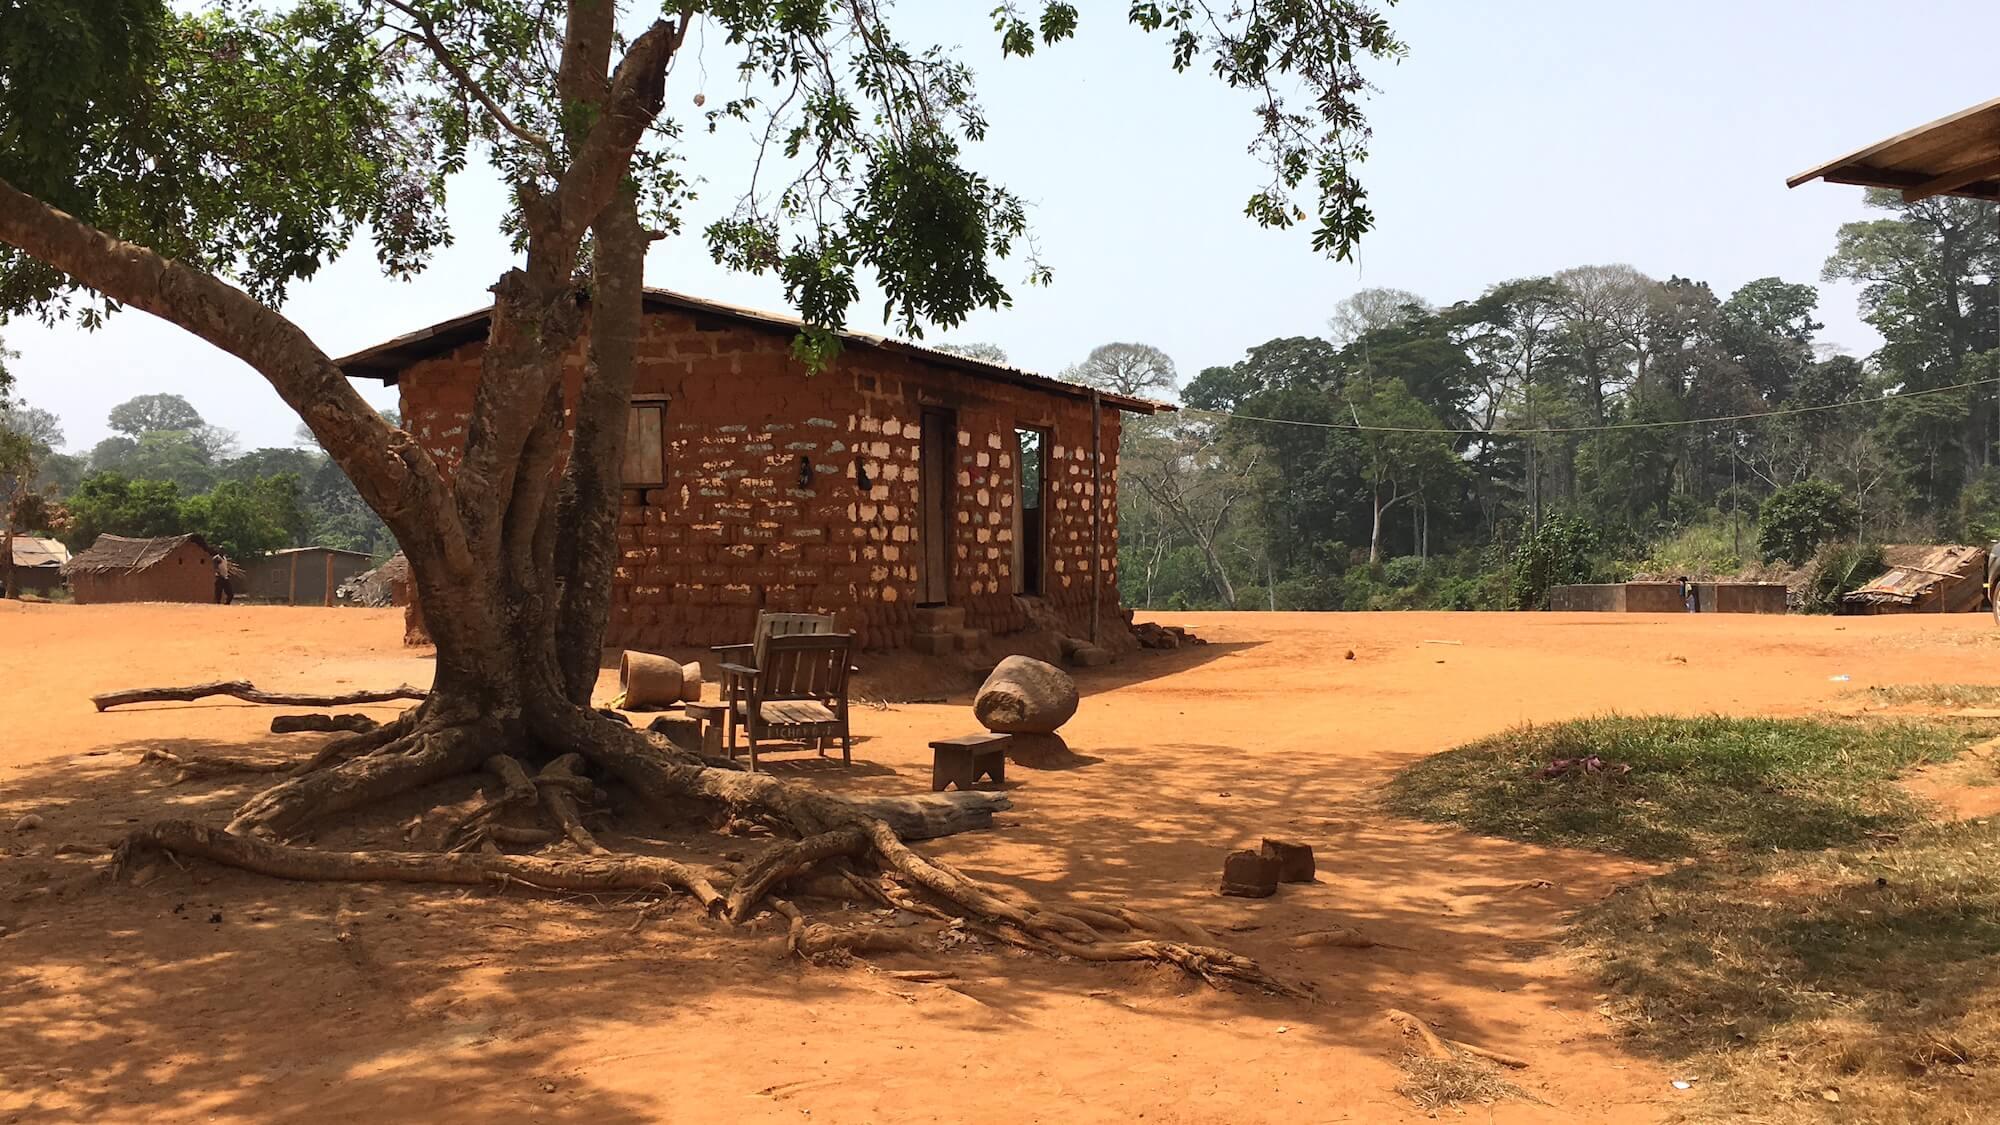 Quoi faire en cote d'ivoire et au village de lieupleu